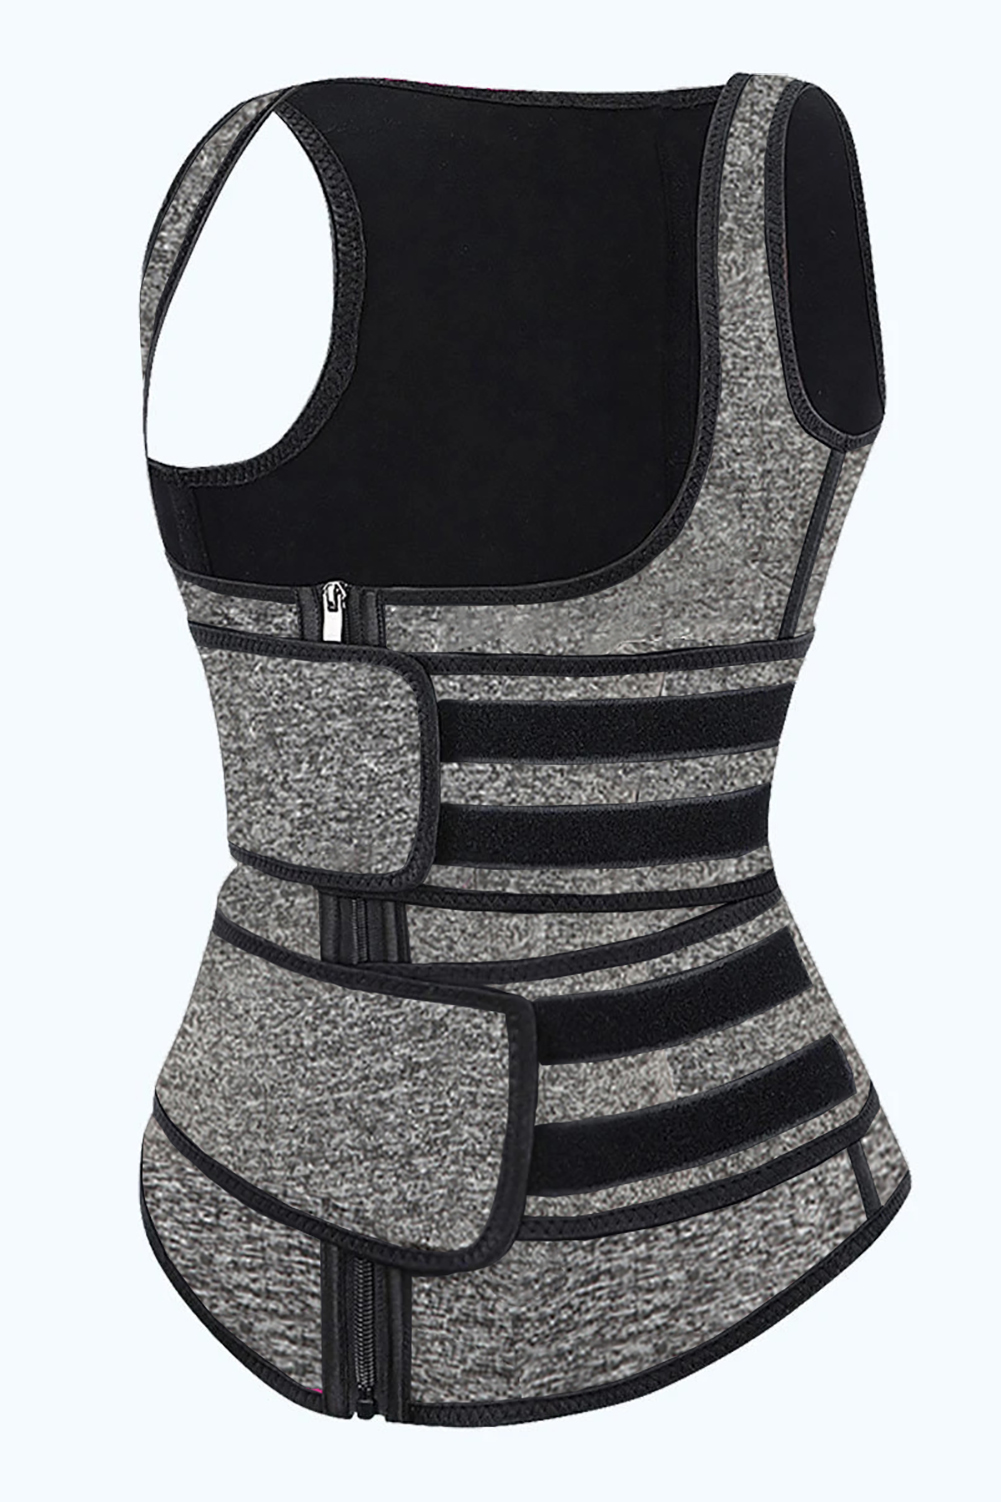 灰色氯丁橡胶塑腰拉链设计背心款塑身衣 LC51074